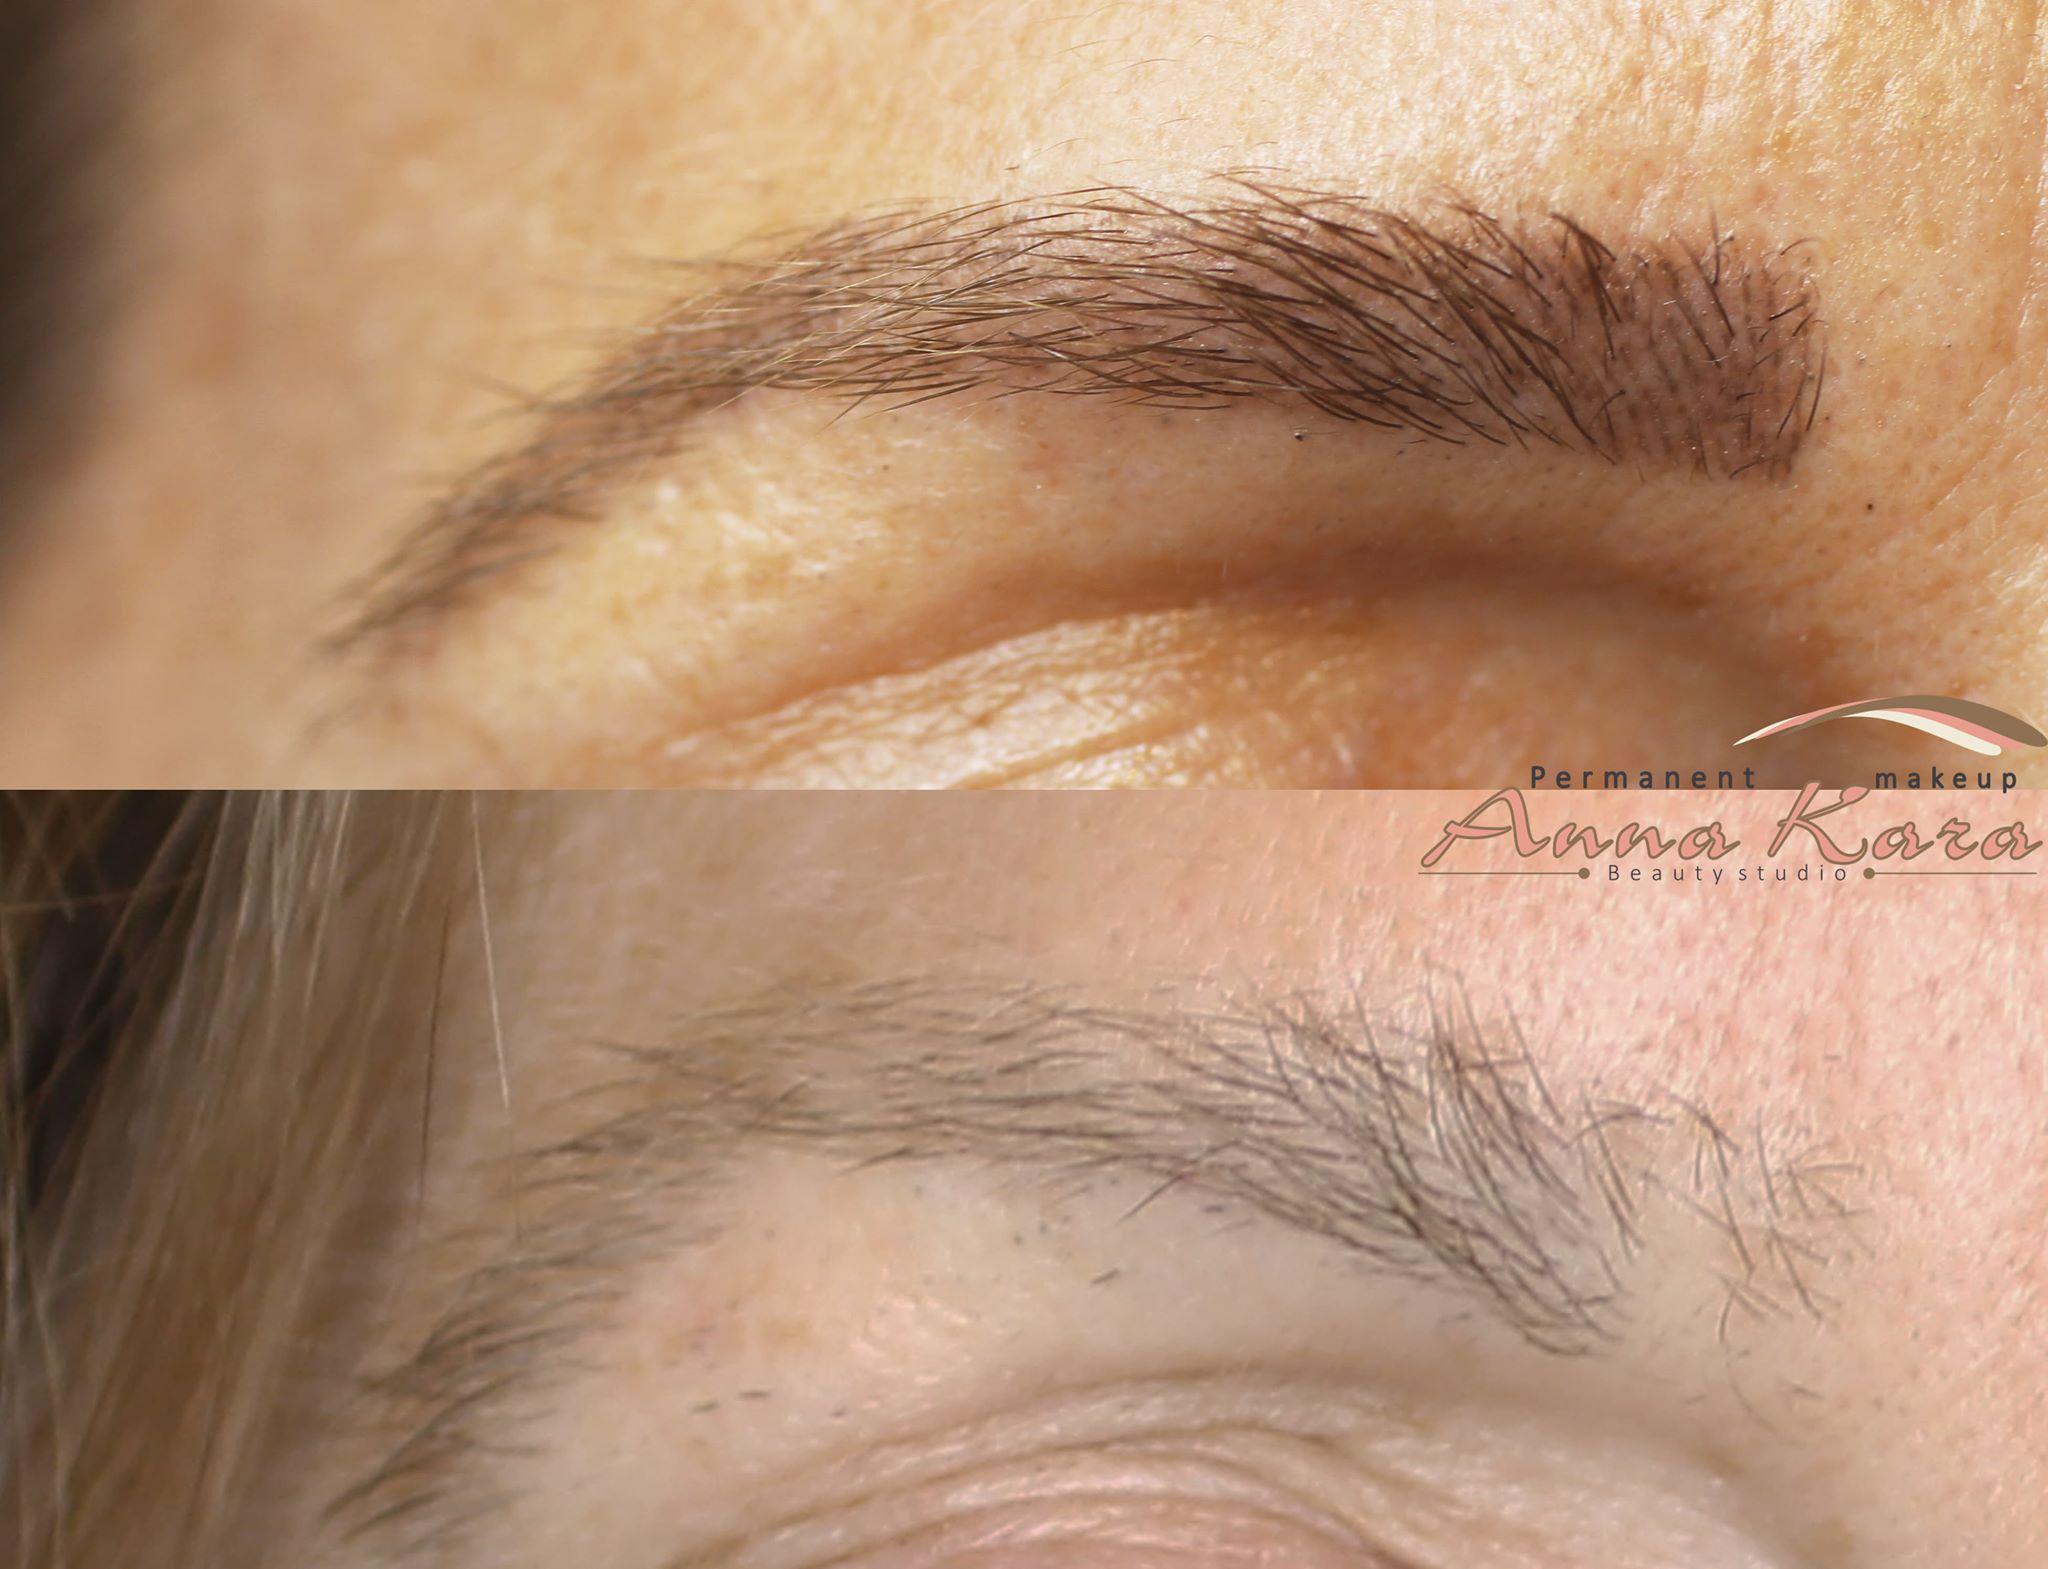 Microblading San Diego - Unique Eyebrows Microblading By